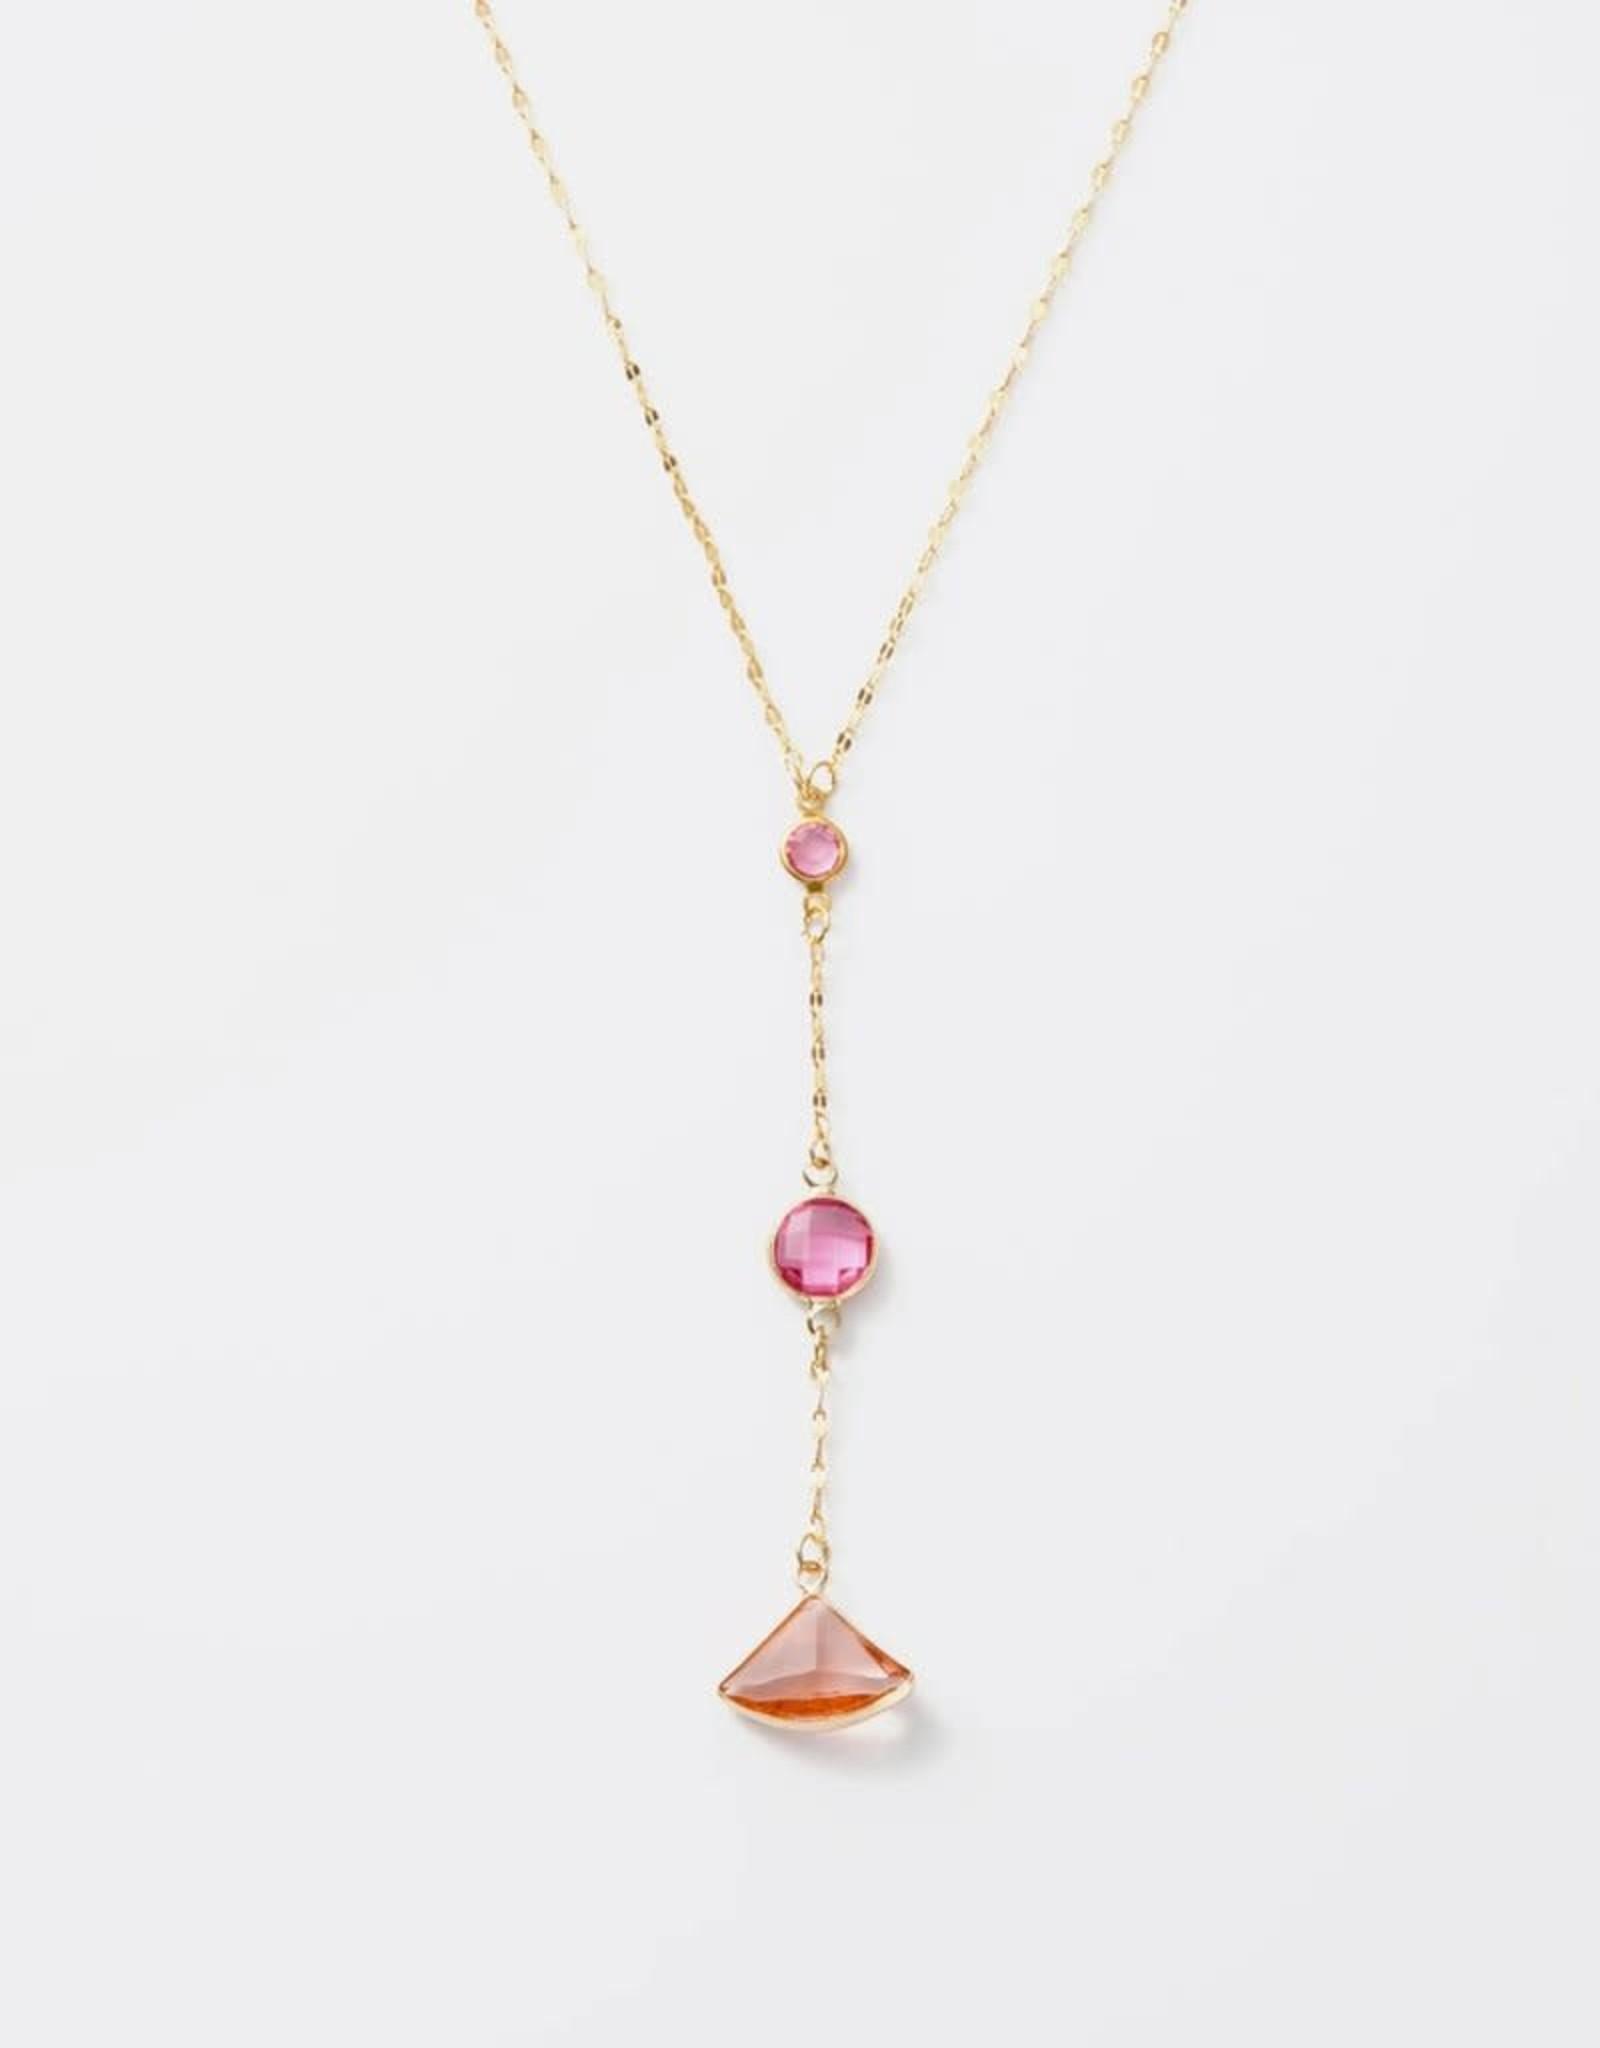 Melania Clara Luna Chroma Pink Necklace